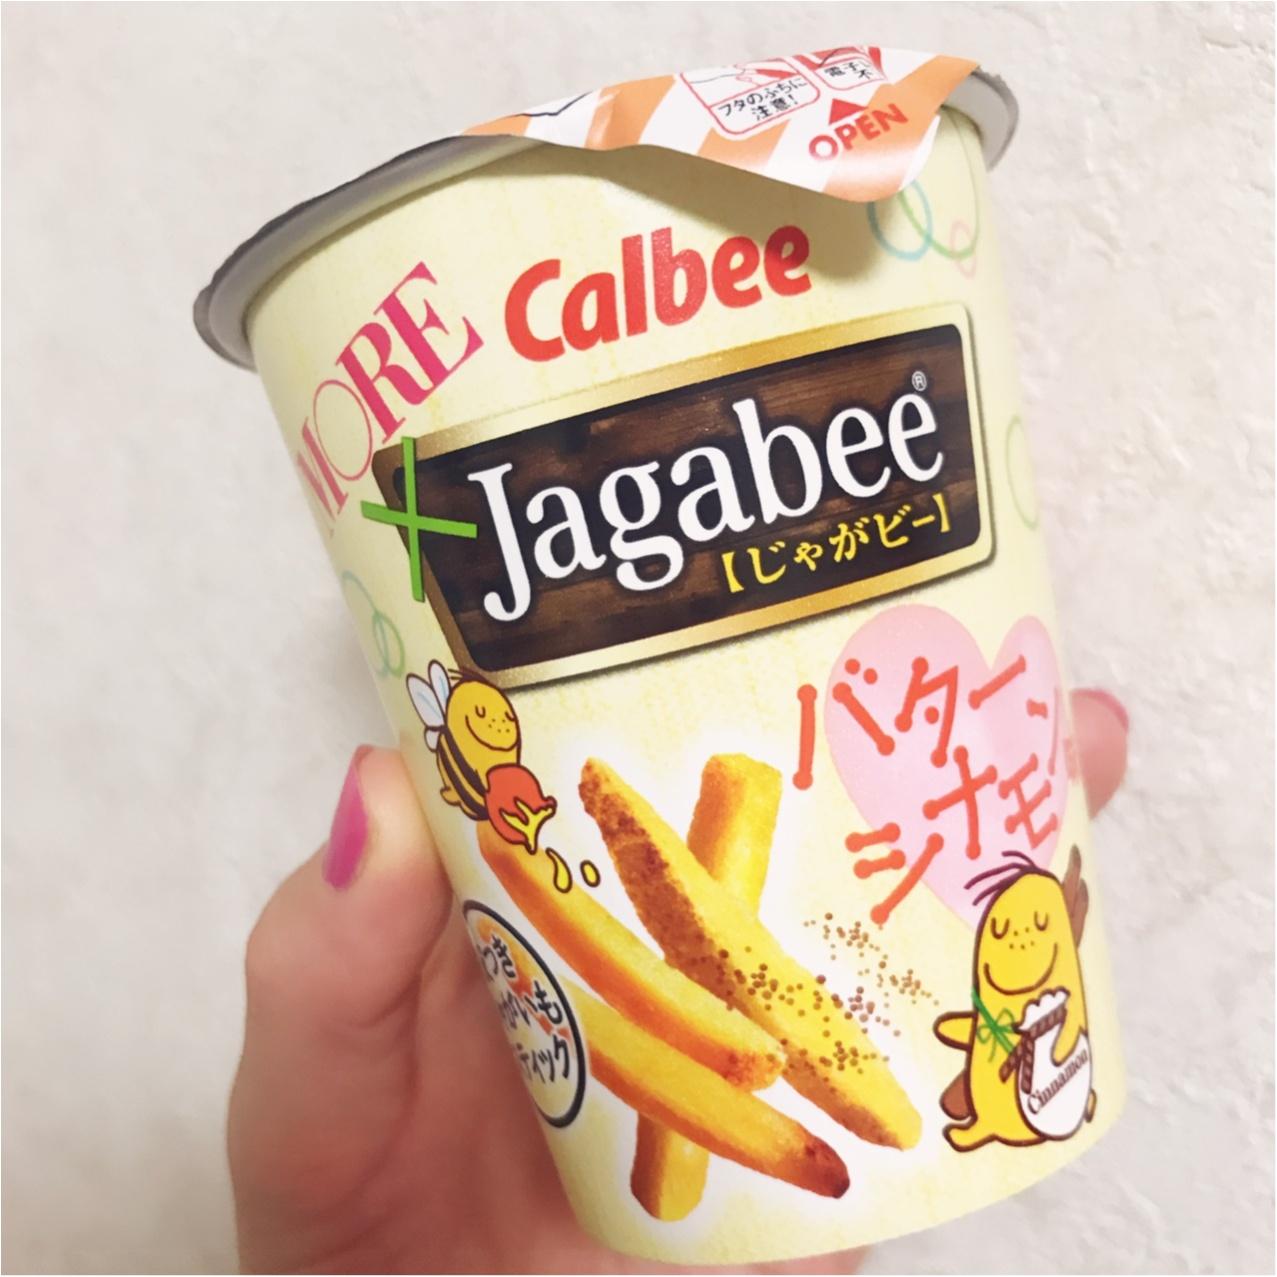 around27歳の小腹を満たす❤︎もう食べた?モアハピ部とコラボした《Jagabee バターシナモン味》♡_2